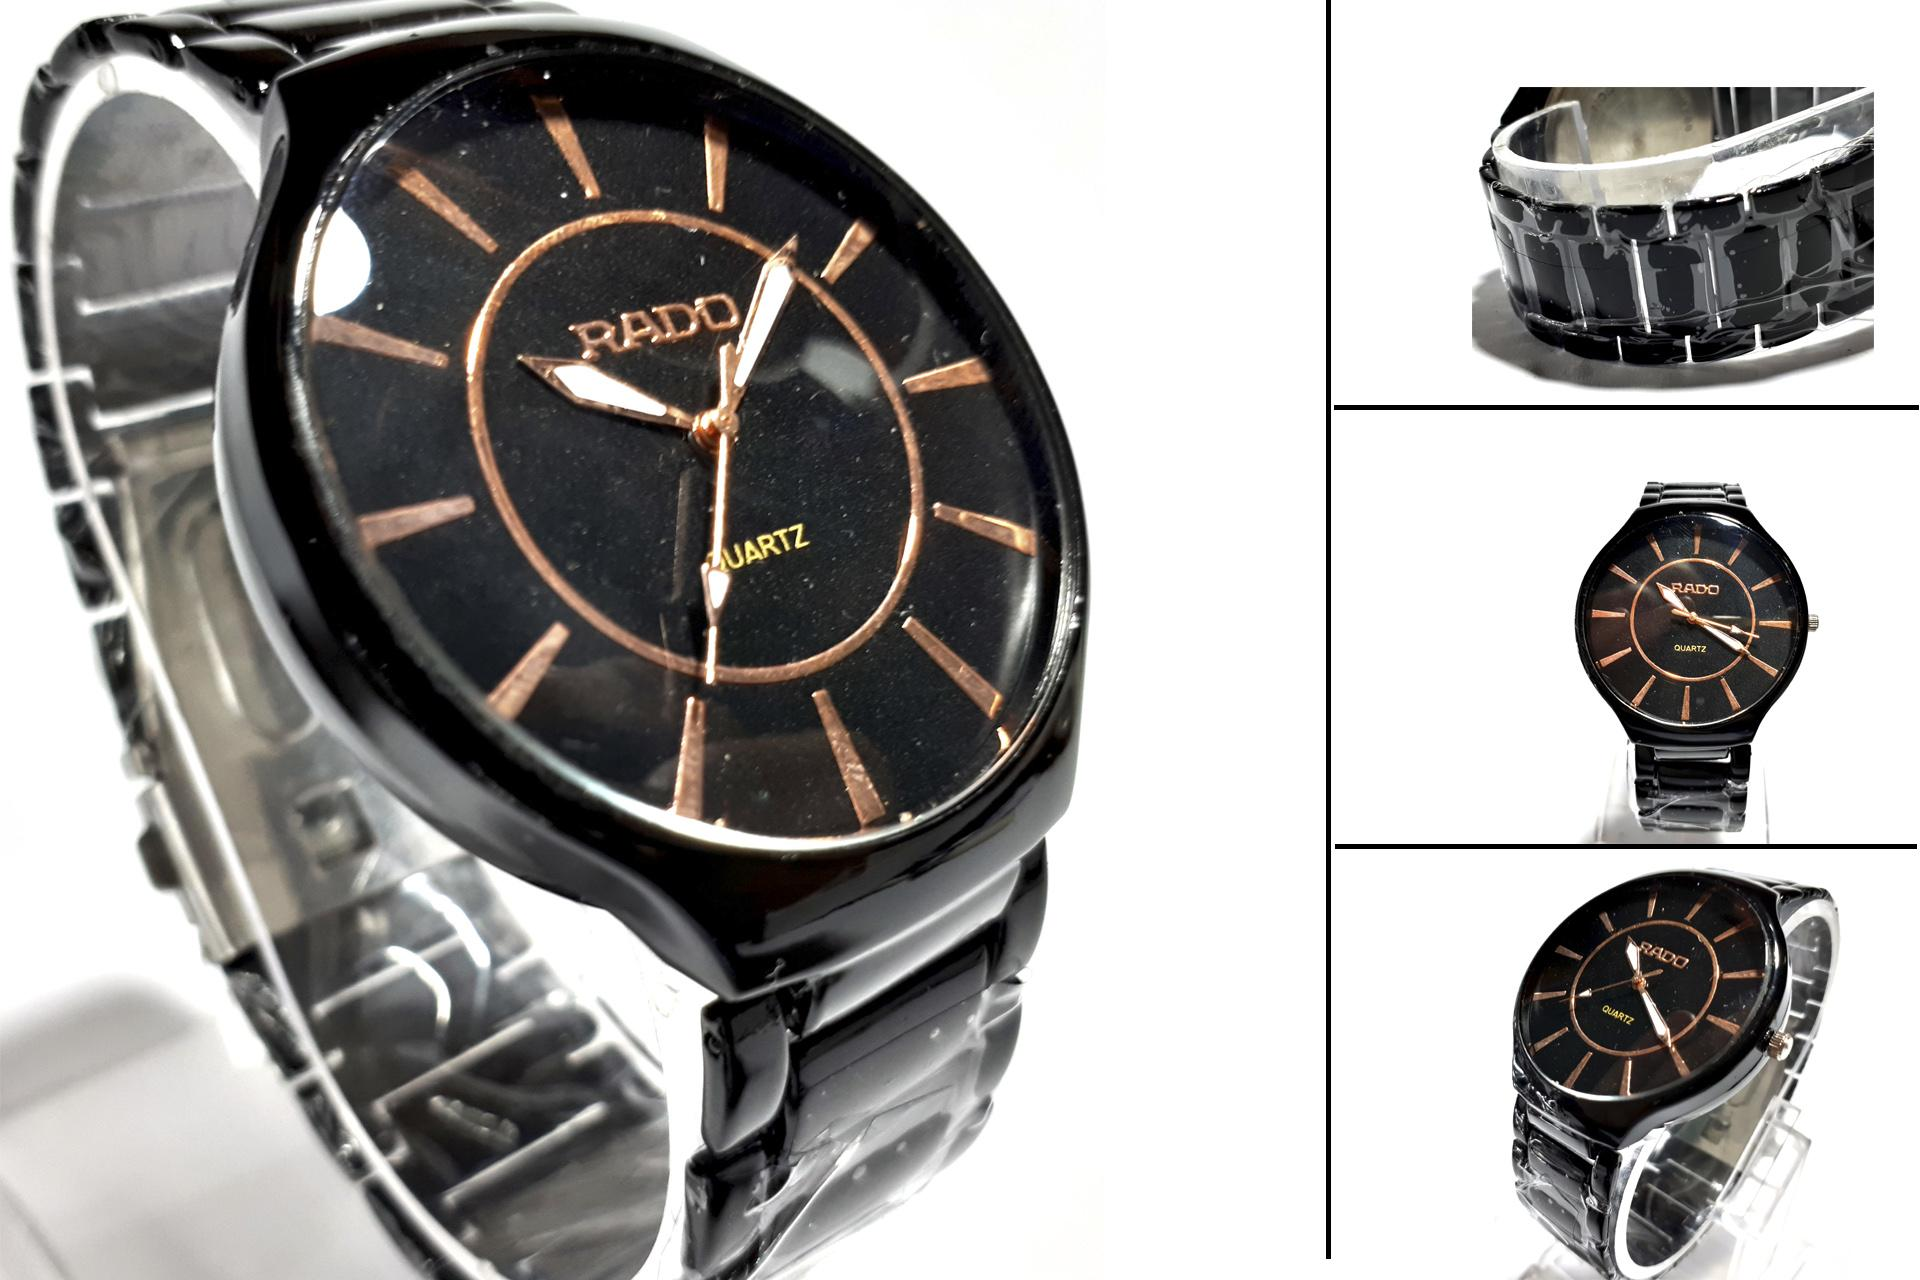 8a0aee5c6 New Luxury Men's Quartz Black & Golden Stainless Steel Wrist Watch ...